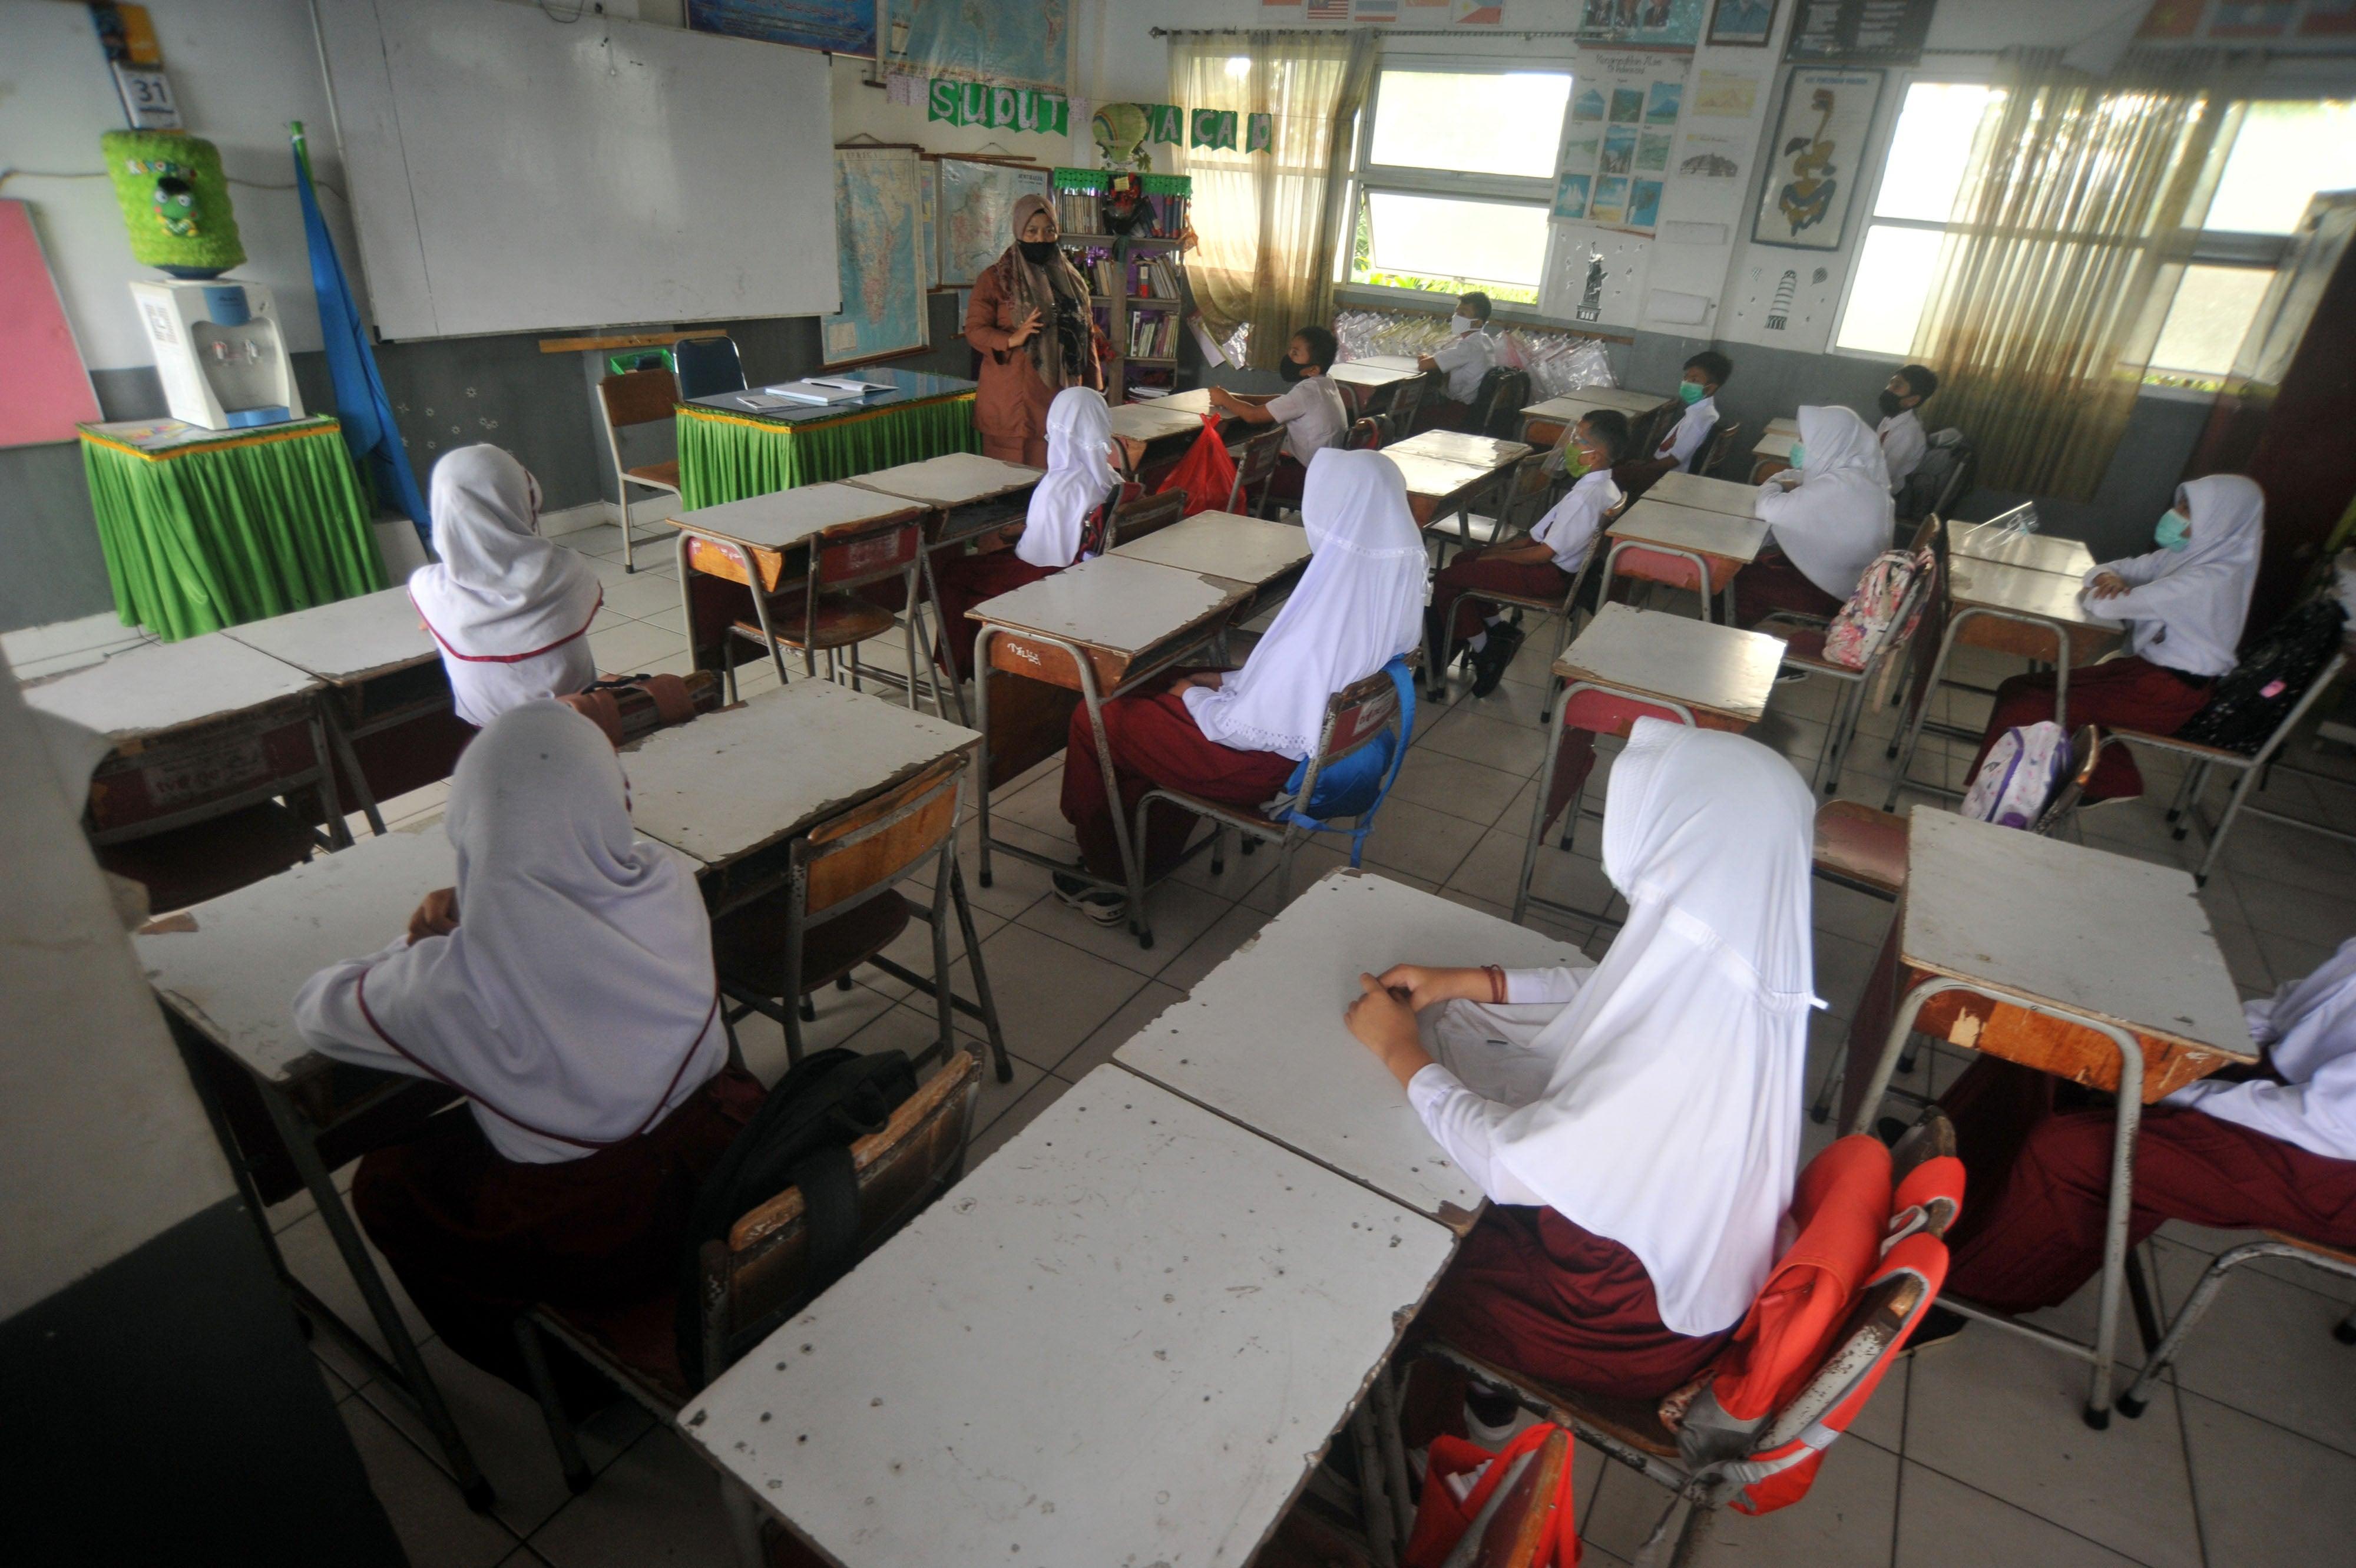 Full ladies indonesia Indonesian Women: